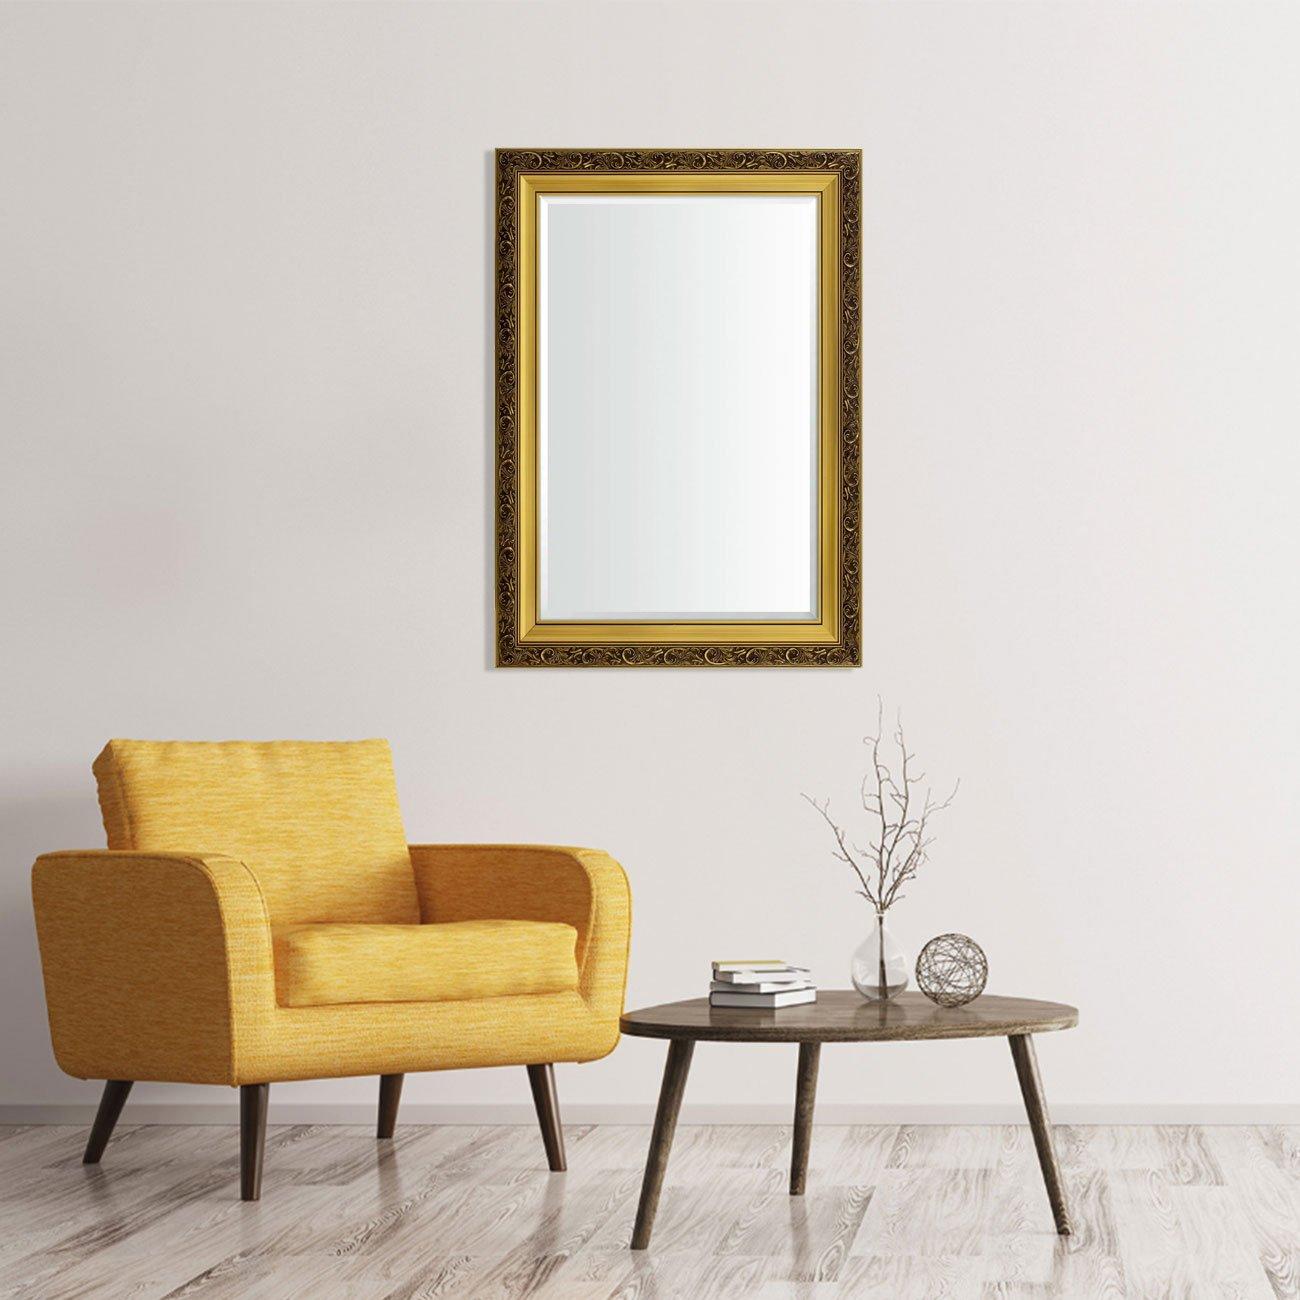 Espelho Cristal Decorativo Moderno na Cor Ouro - DPAD0311